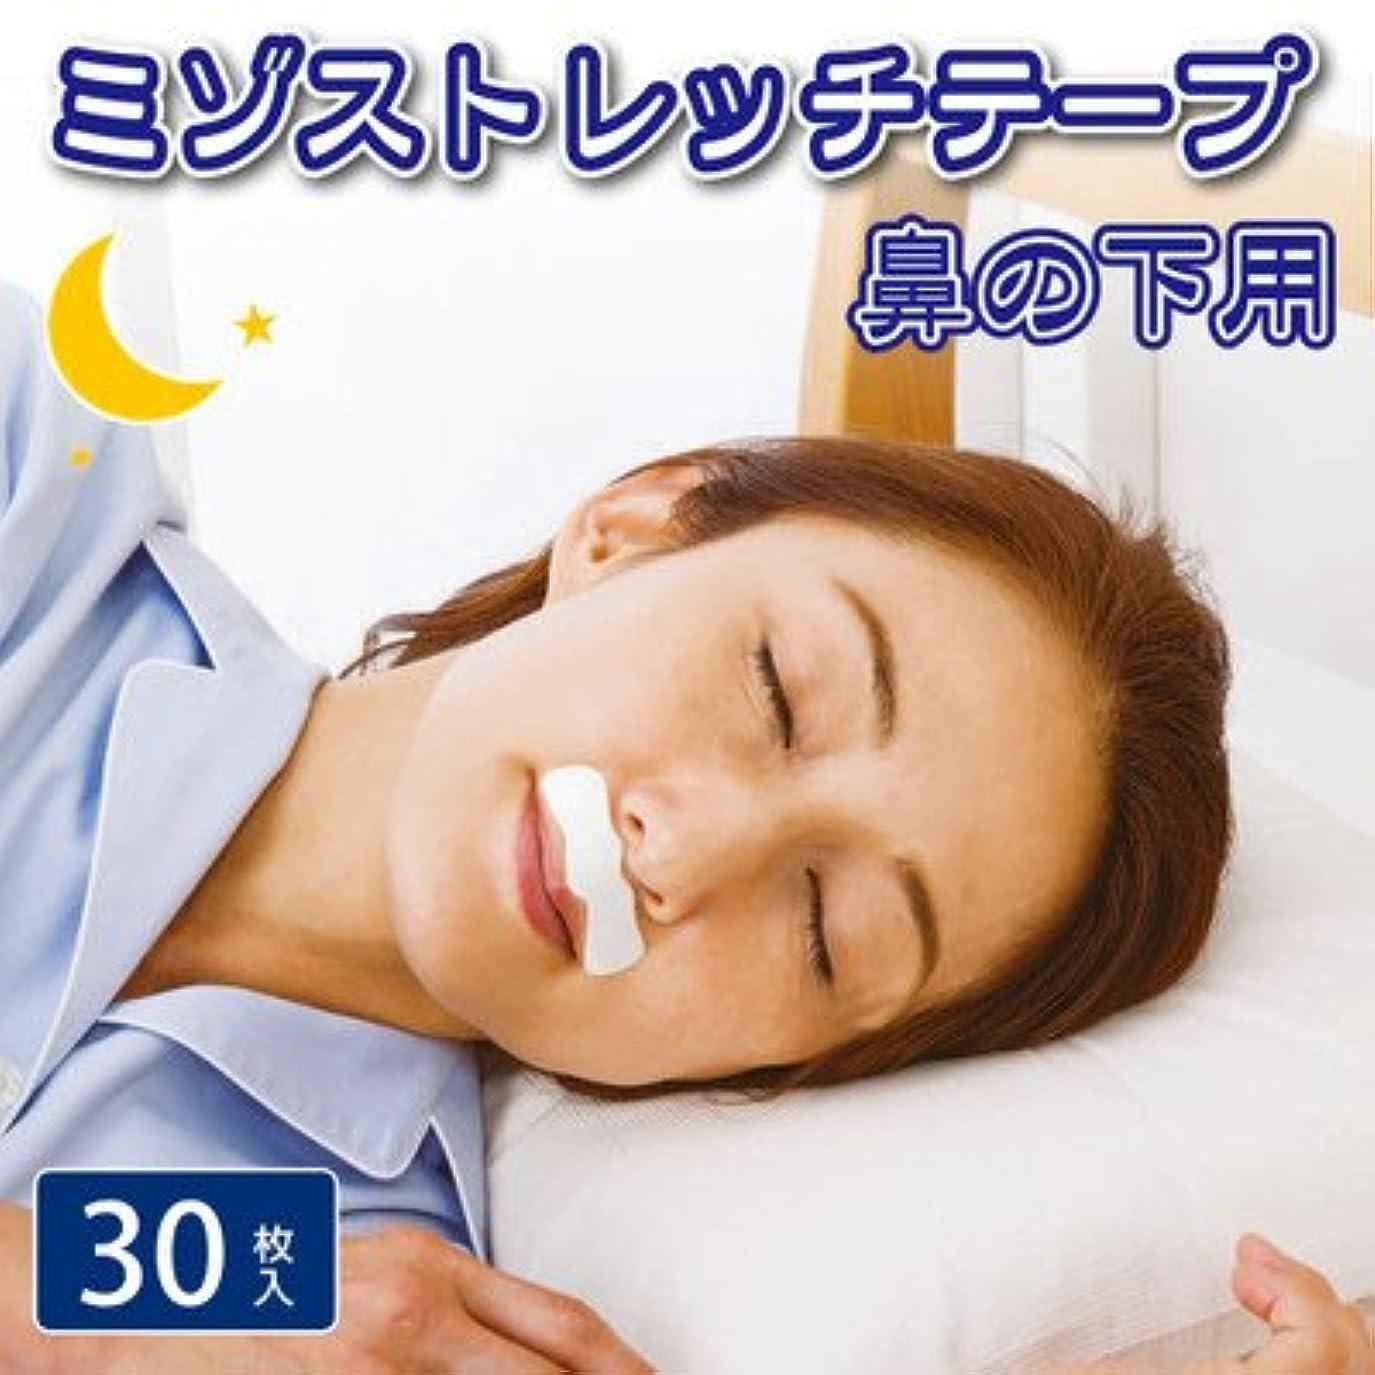 弱点サイレント二十貼って寝るだけ 翌朝ピーン ミゾストレッチテープ 鼻の下用